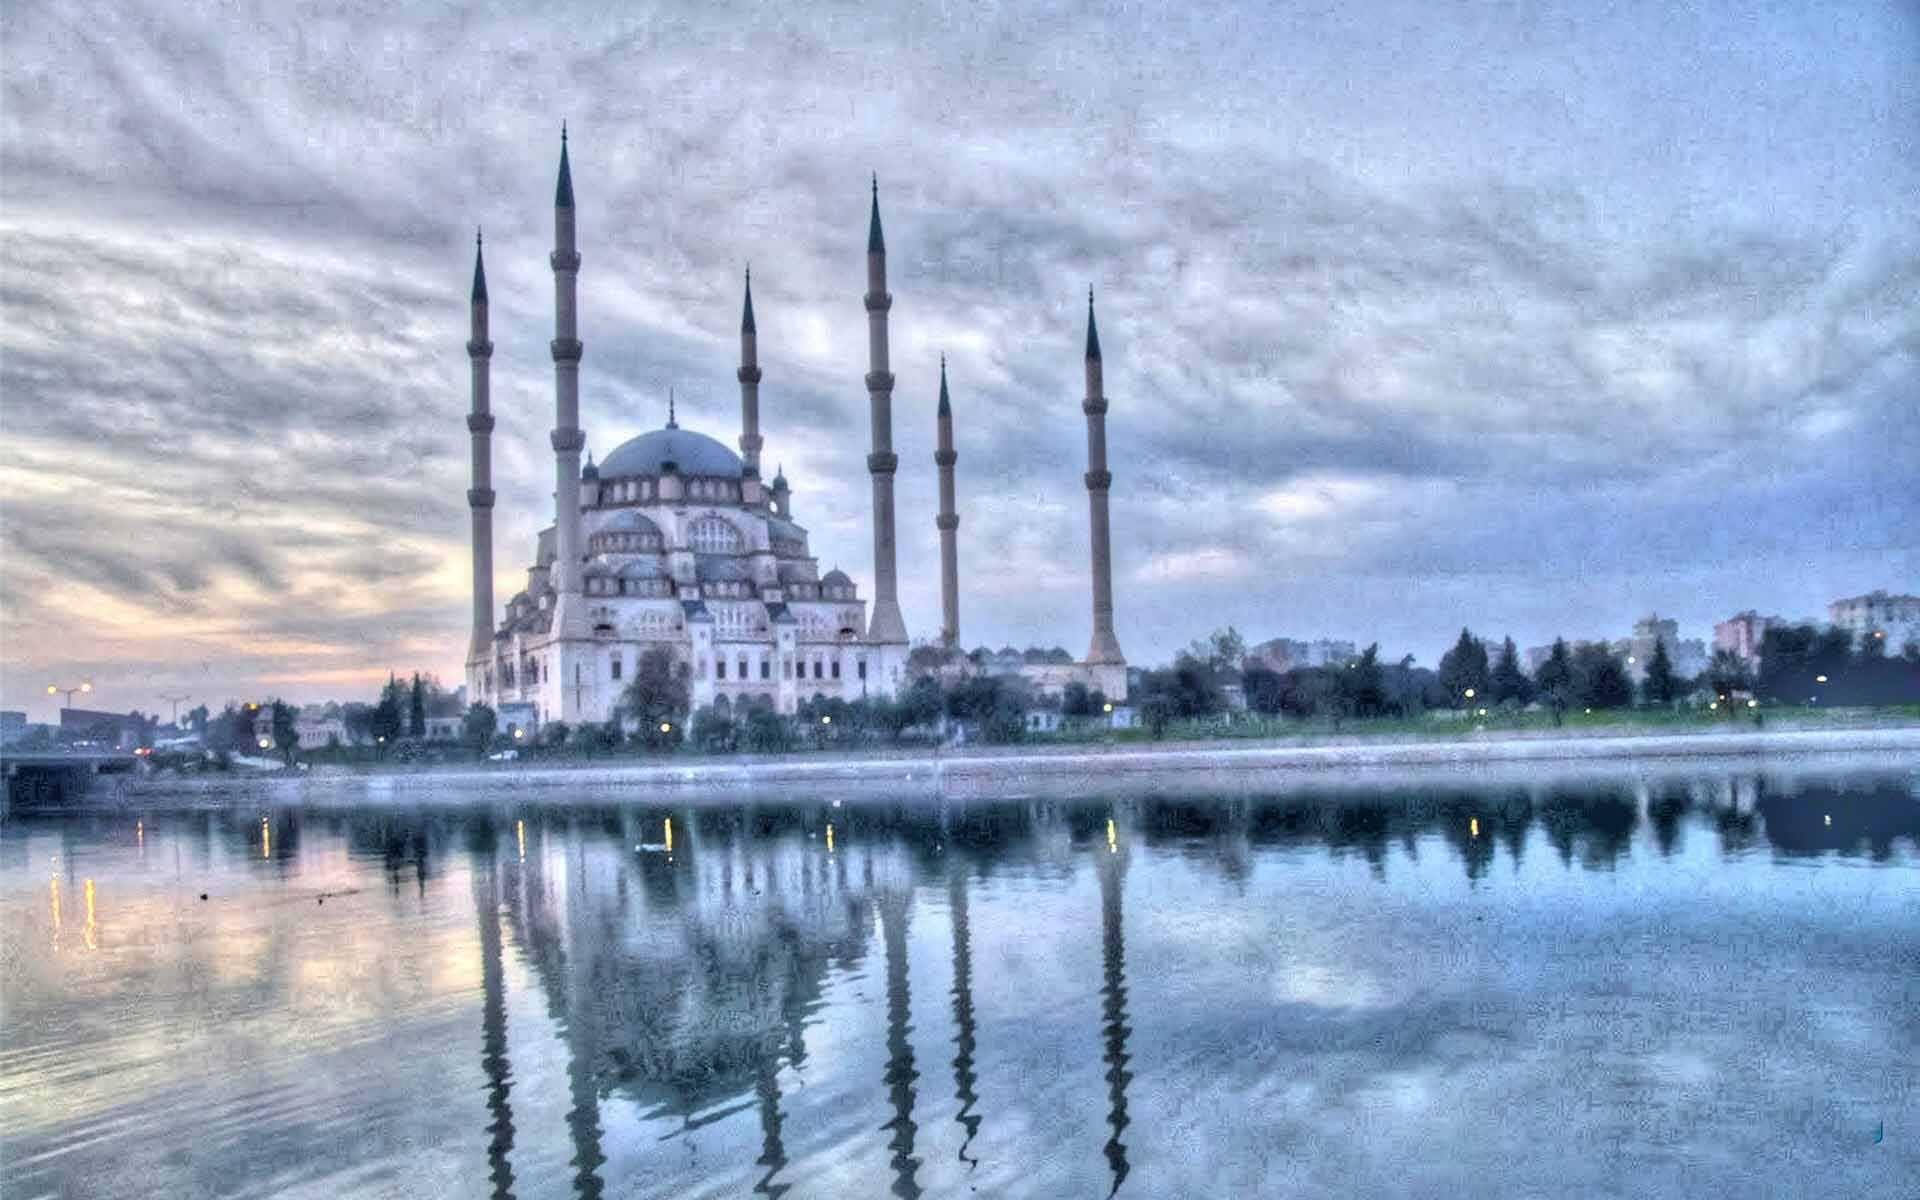 چشمه گرمک ارناوه چشمه آب گرم ارناوه خراسان توراسکنر Beautiful Mosques Blue Mosque Blue Mosque Istanbul